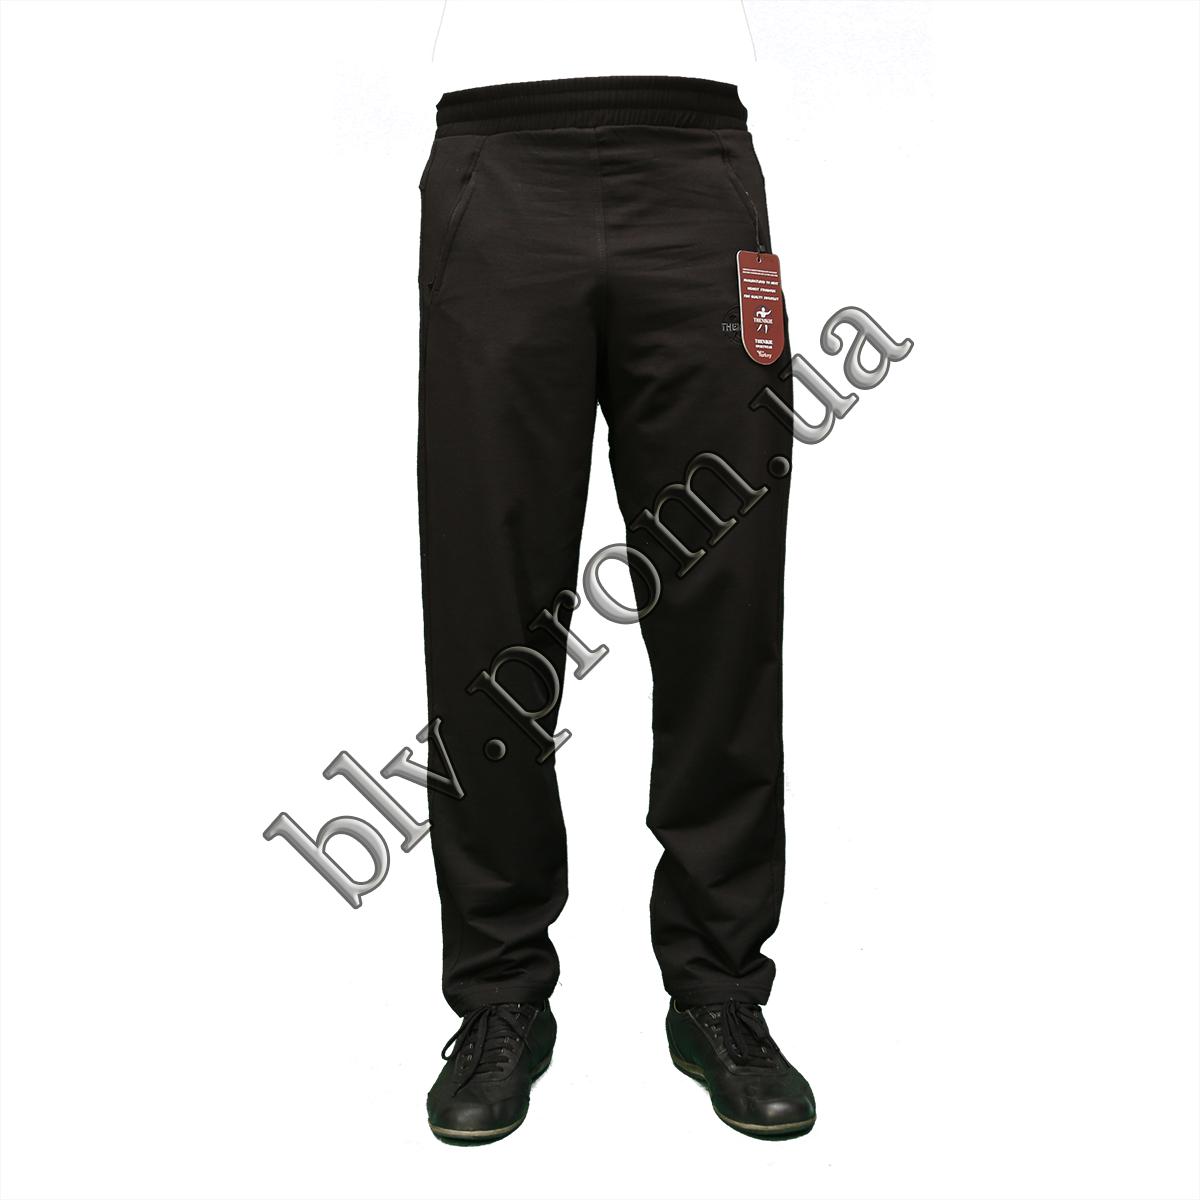 Мужские трикотажные брюки пр-во Турция 9005